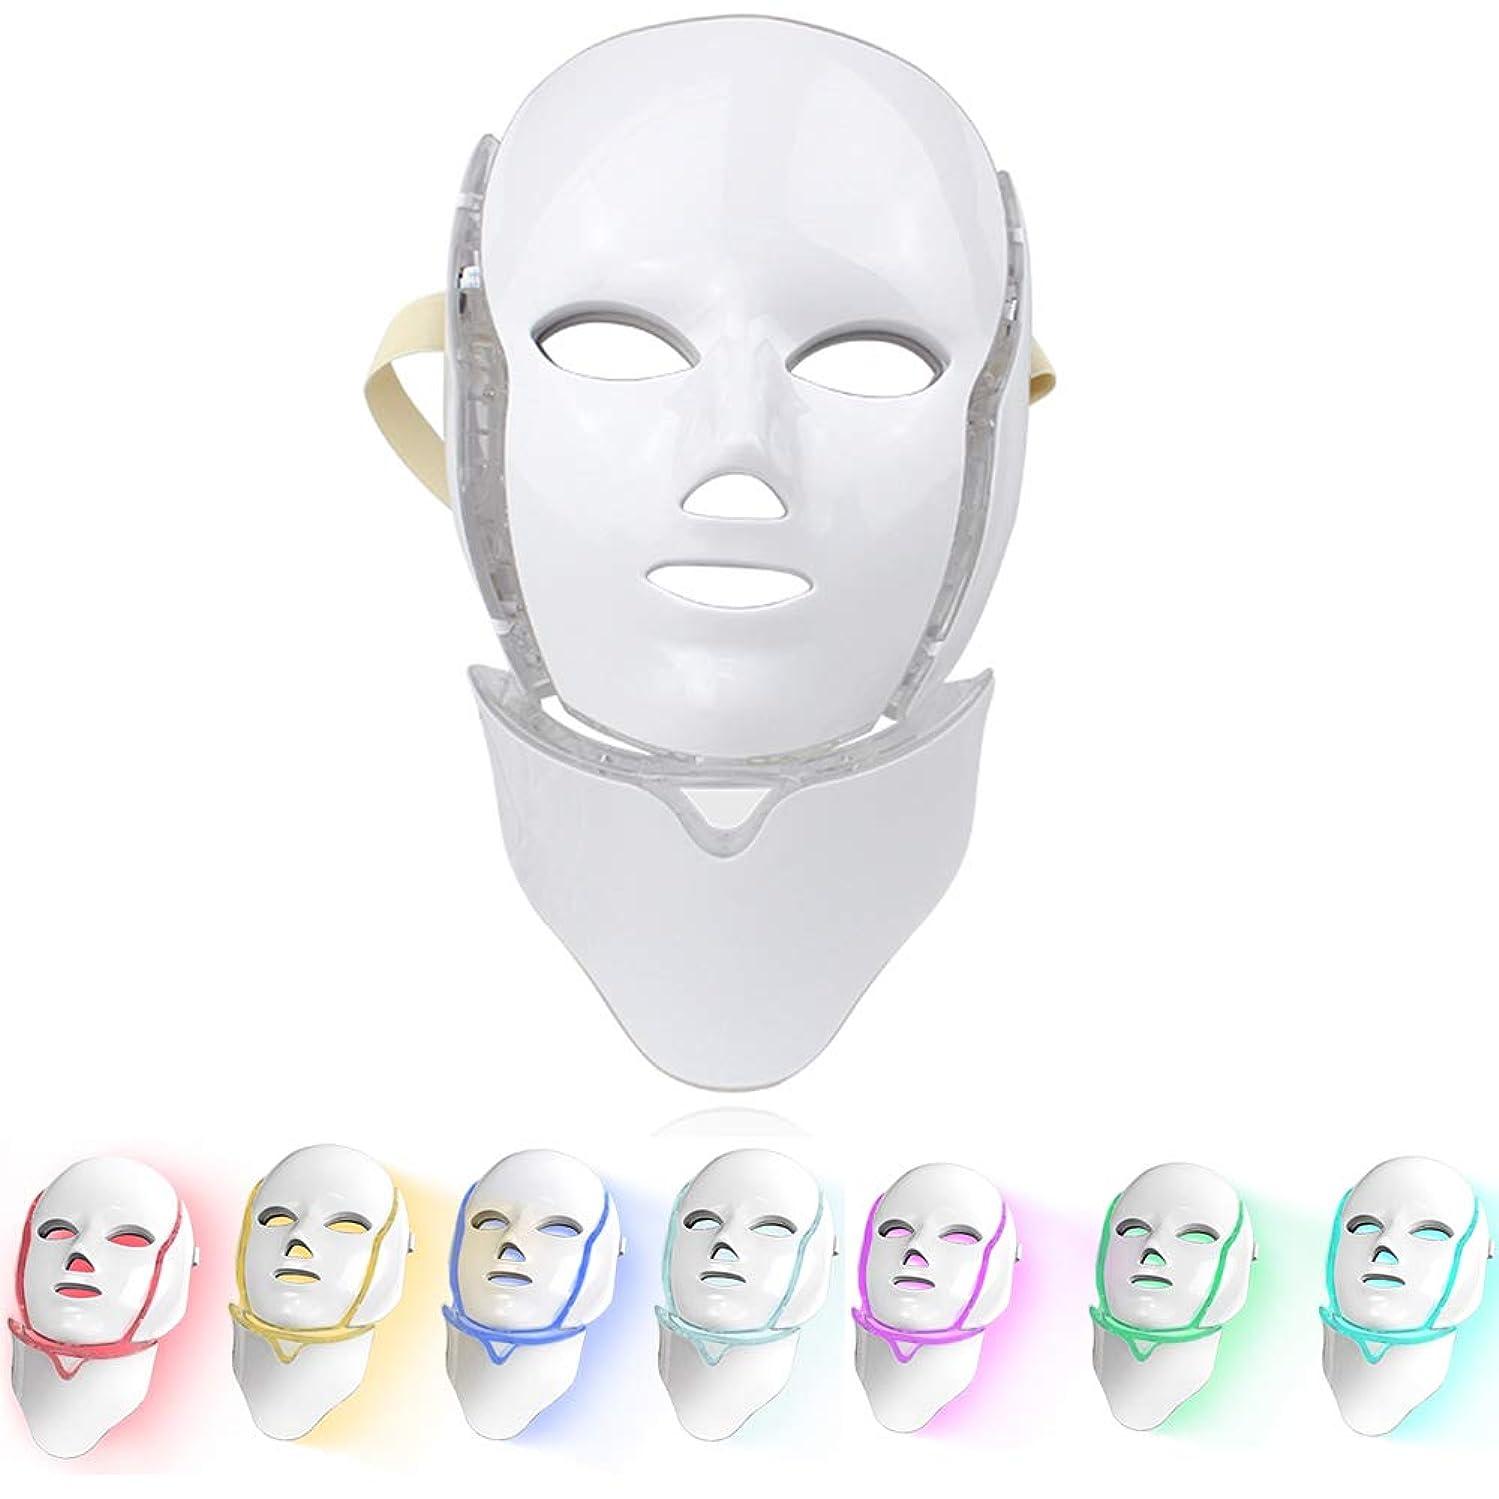 理解顎いいねLED光線療法マスク(ネック付き)7色光線治療スキンケア美容光線療法アンチエイジングアクネリンクルマスク